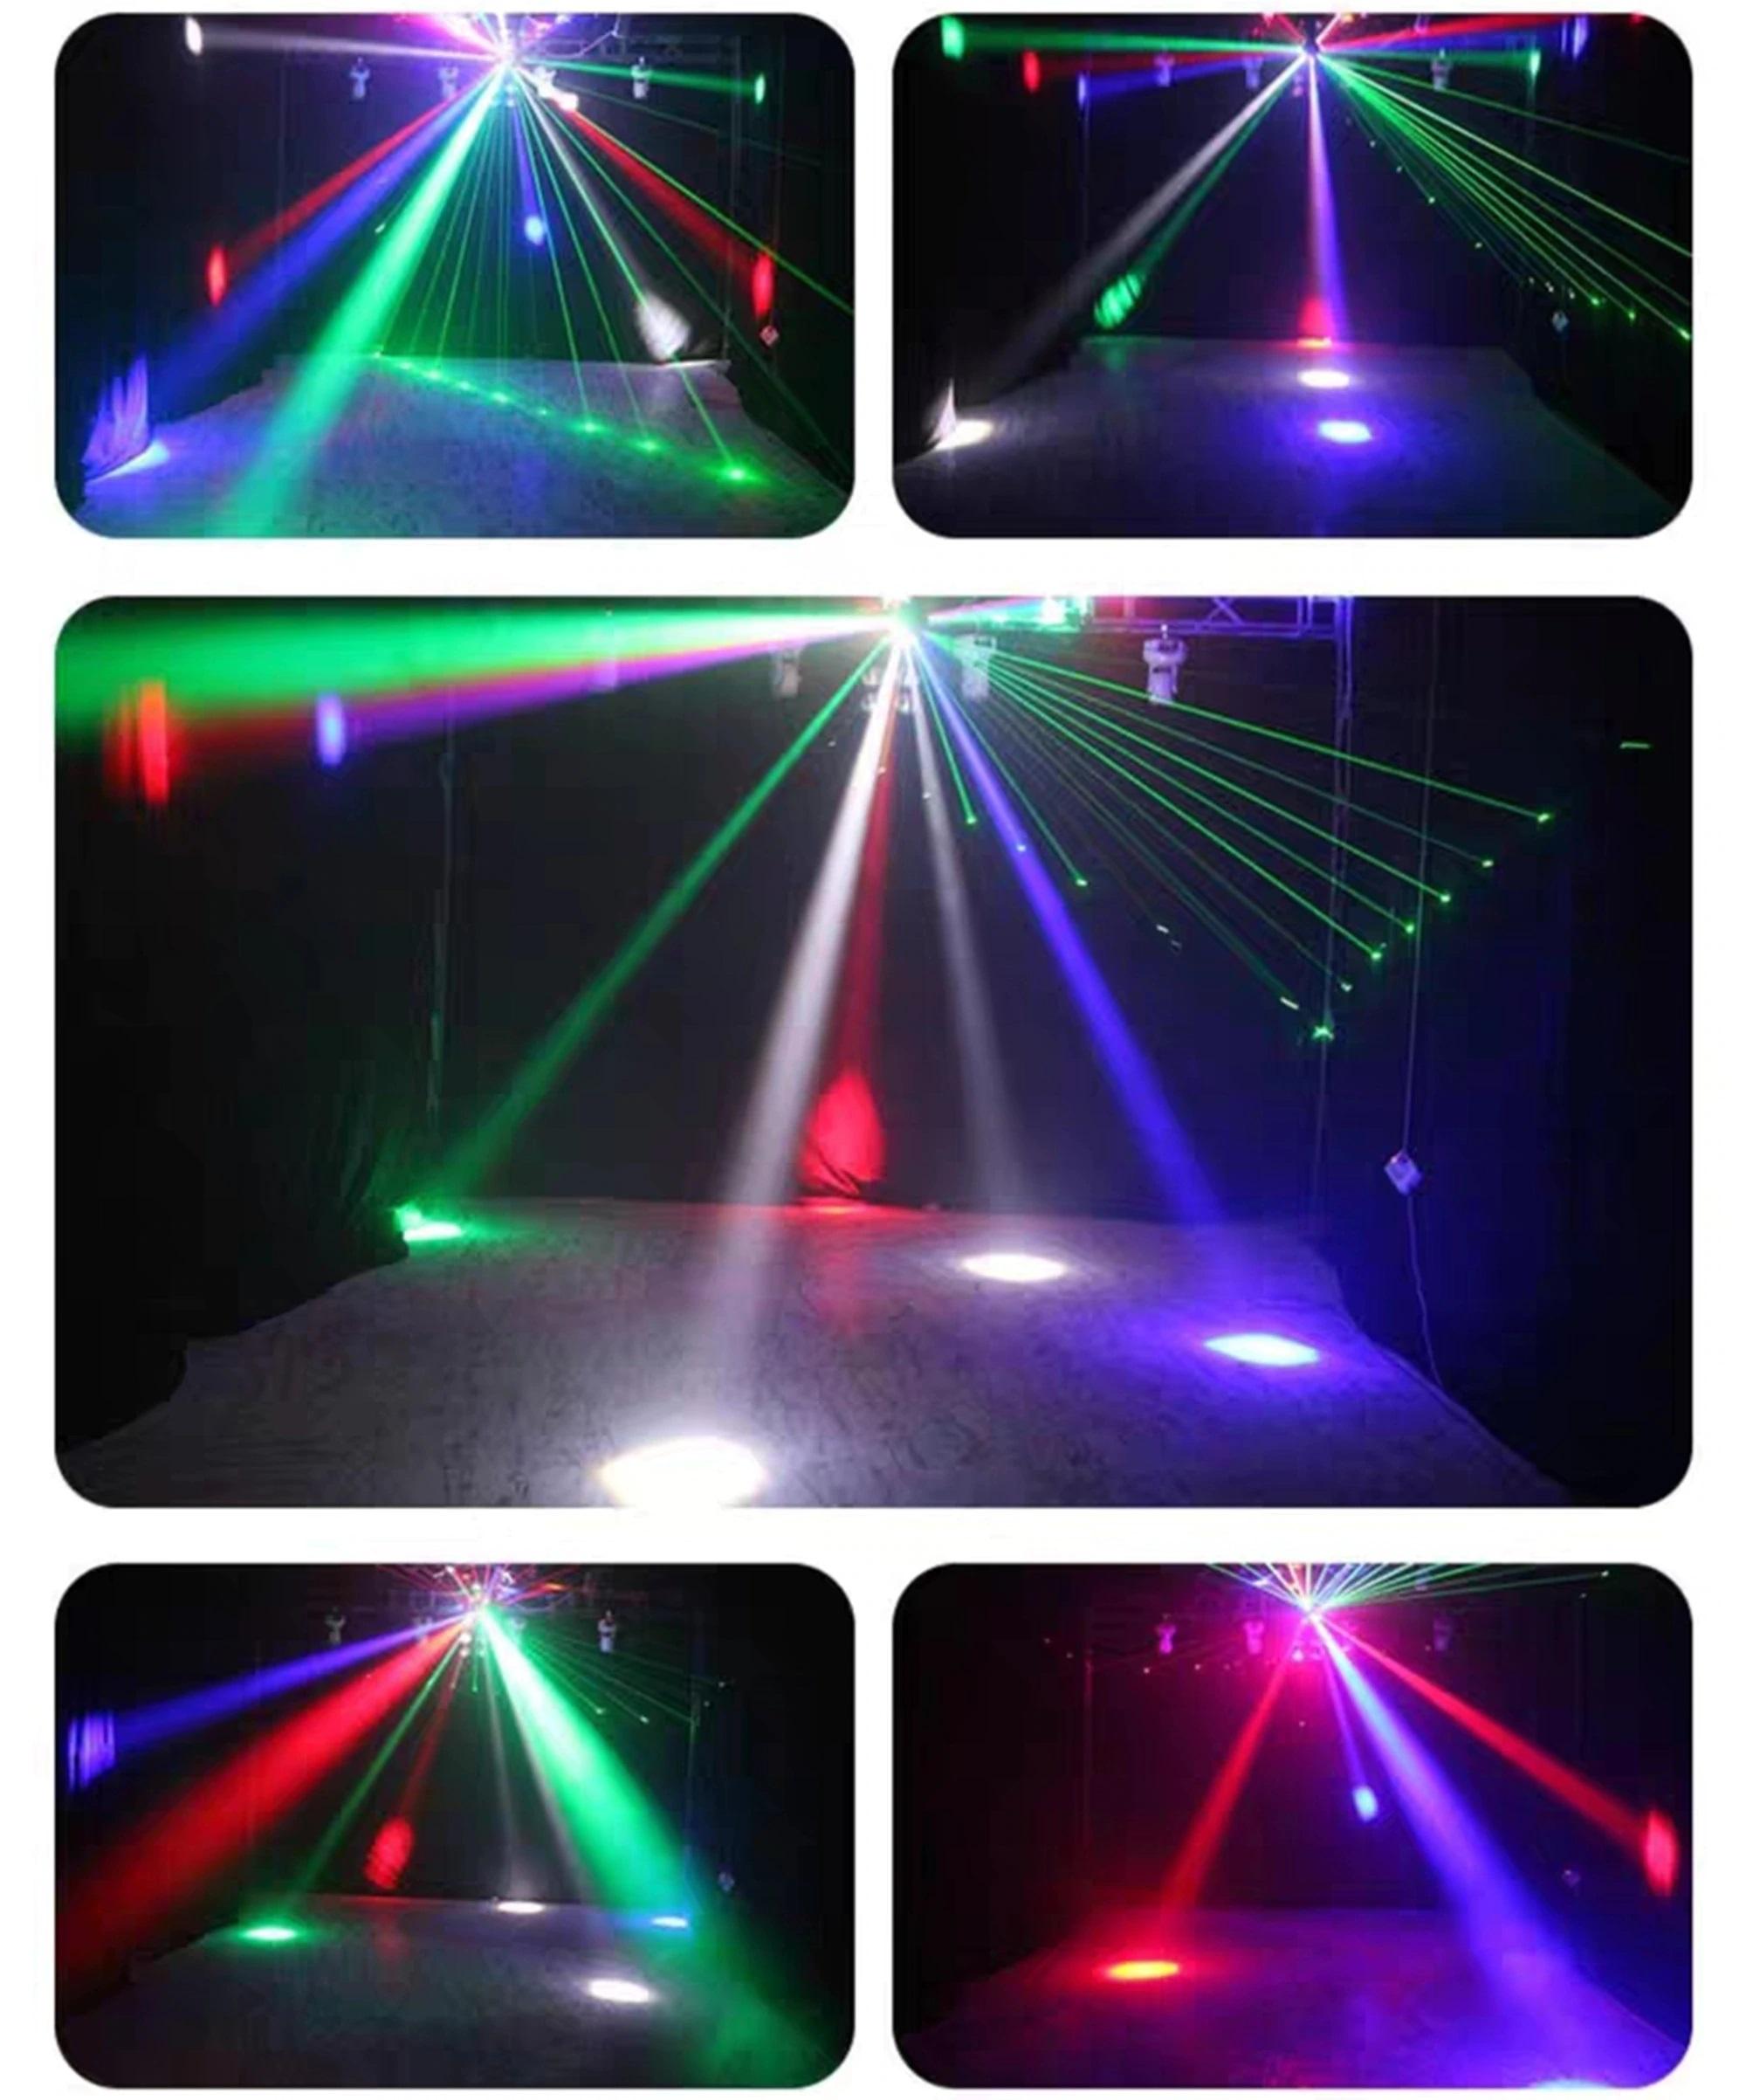 LED sviesos efektas judanti galva ball